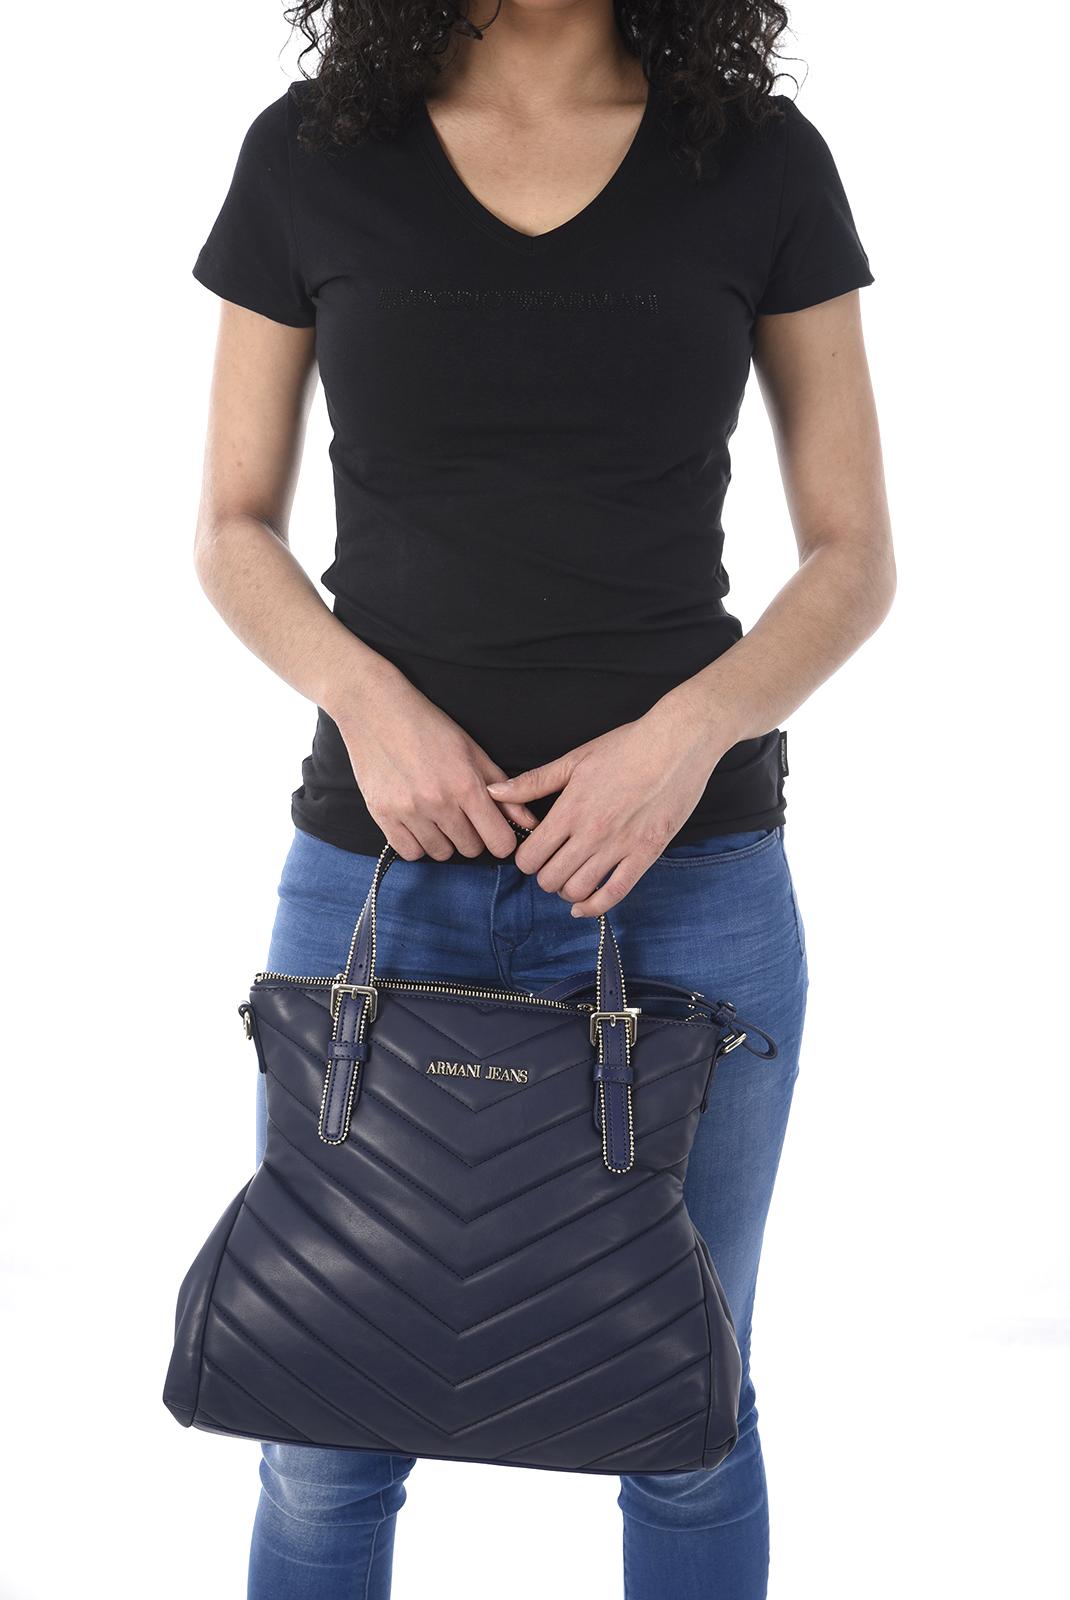 Sacs à Main  Armani jeans 922158 6A718 31735 PATRIOT BLUE